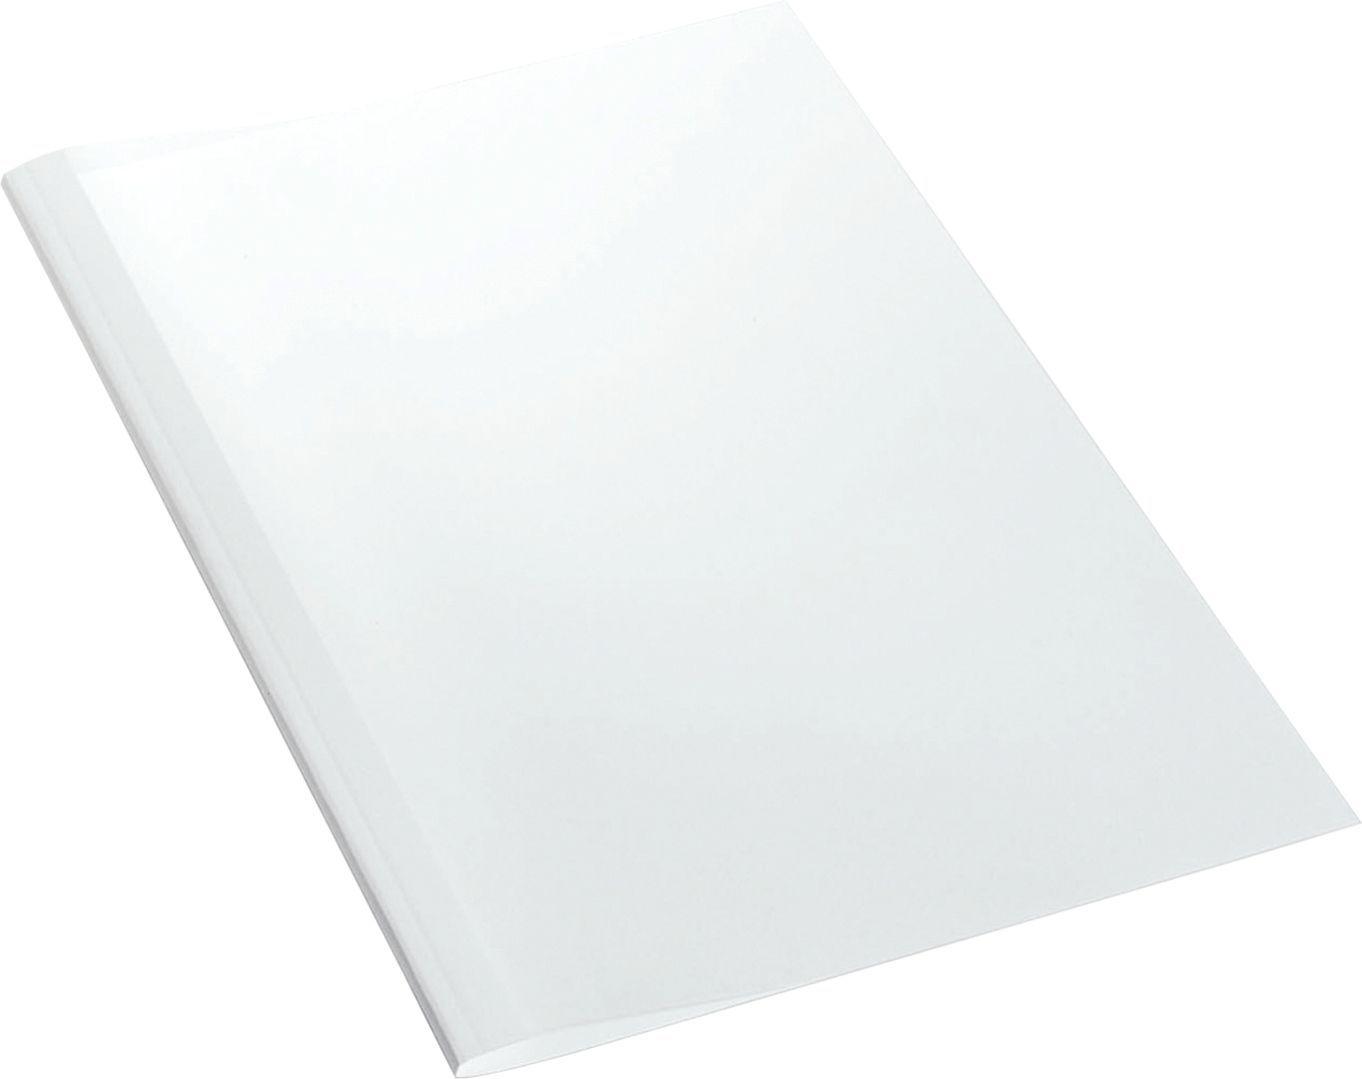 Leitz Liminnbindingsmappe 3mm hvit (25) 177115